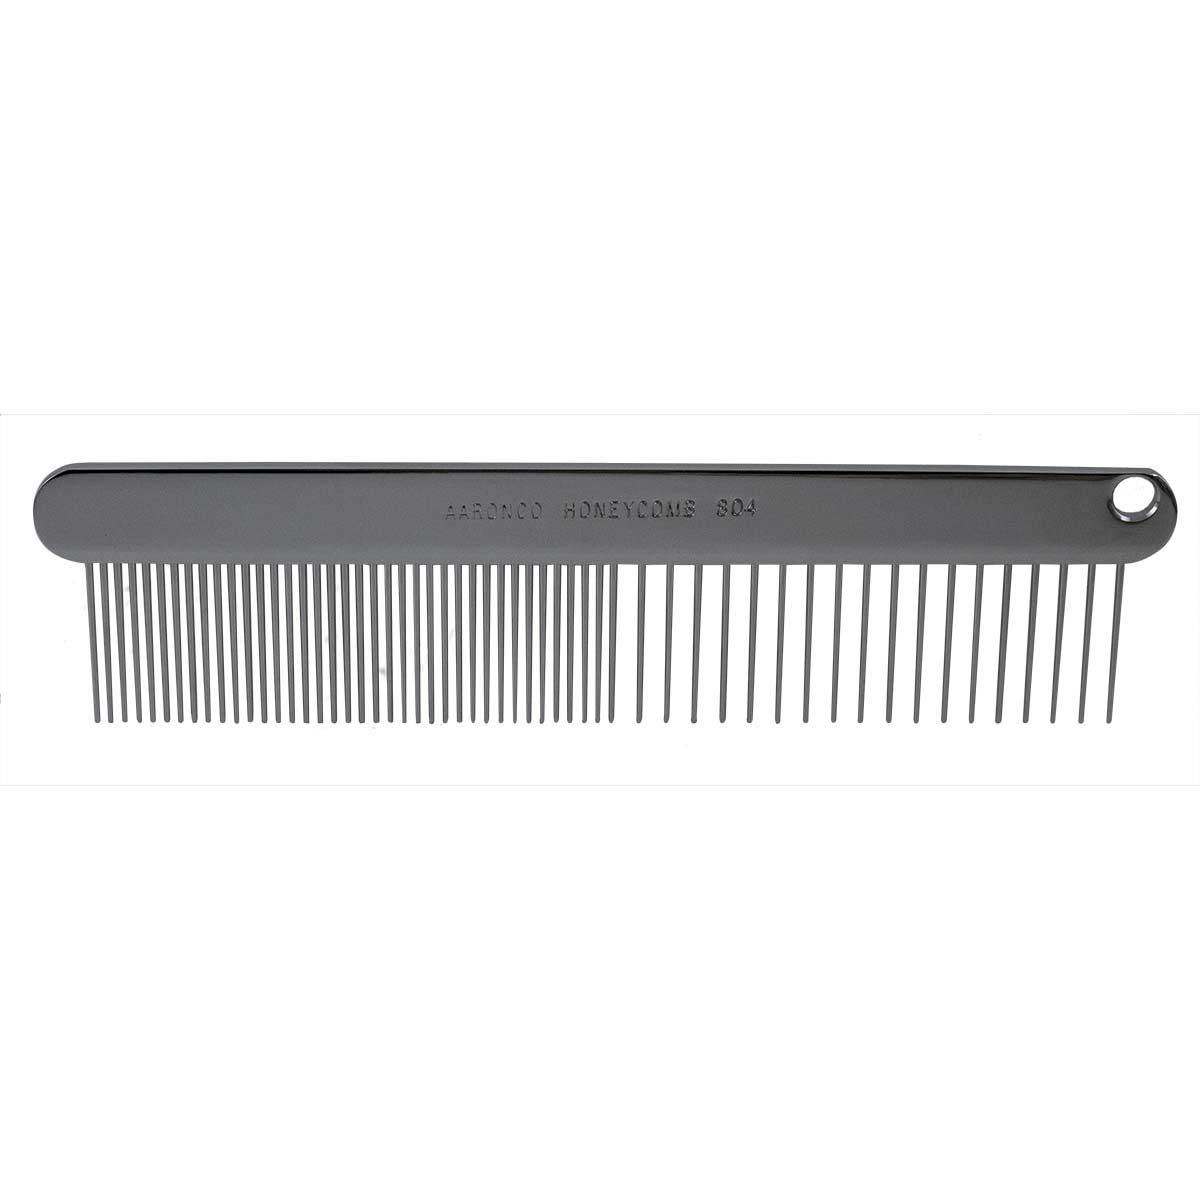 Buy Aaronco Medium/Coarse Comb